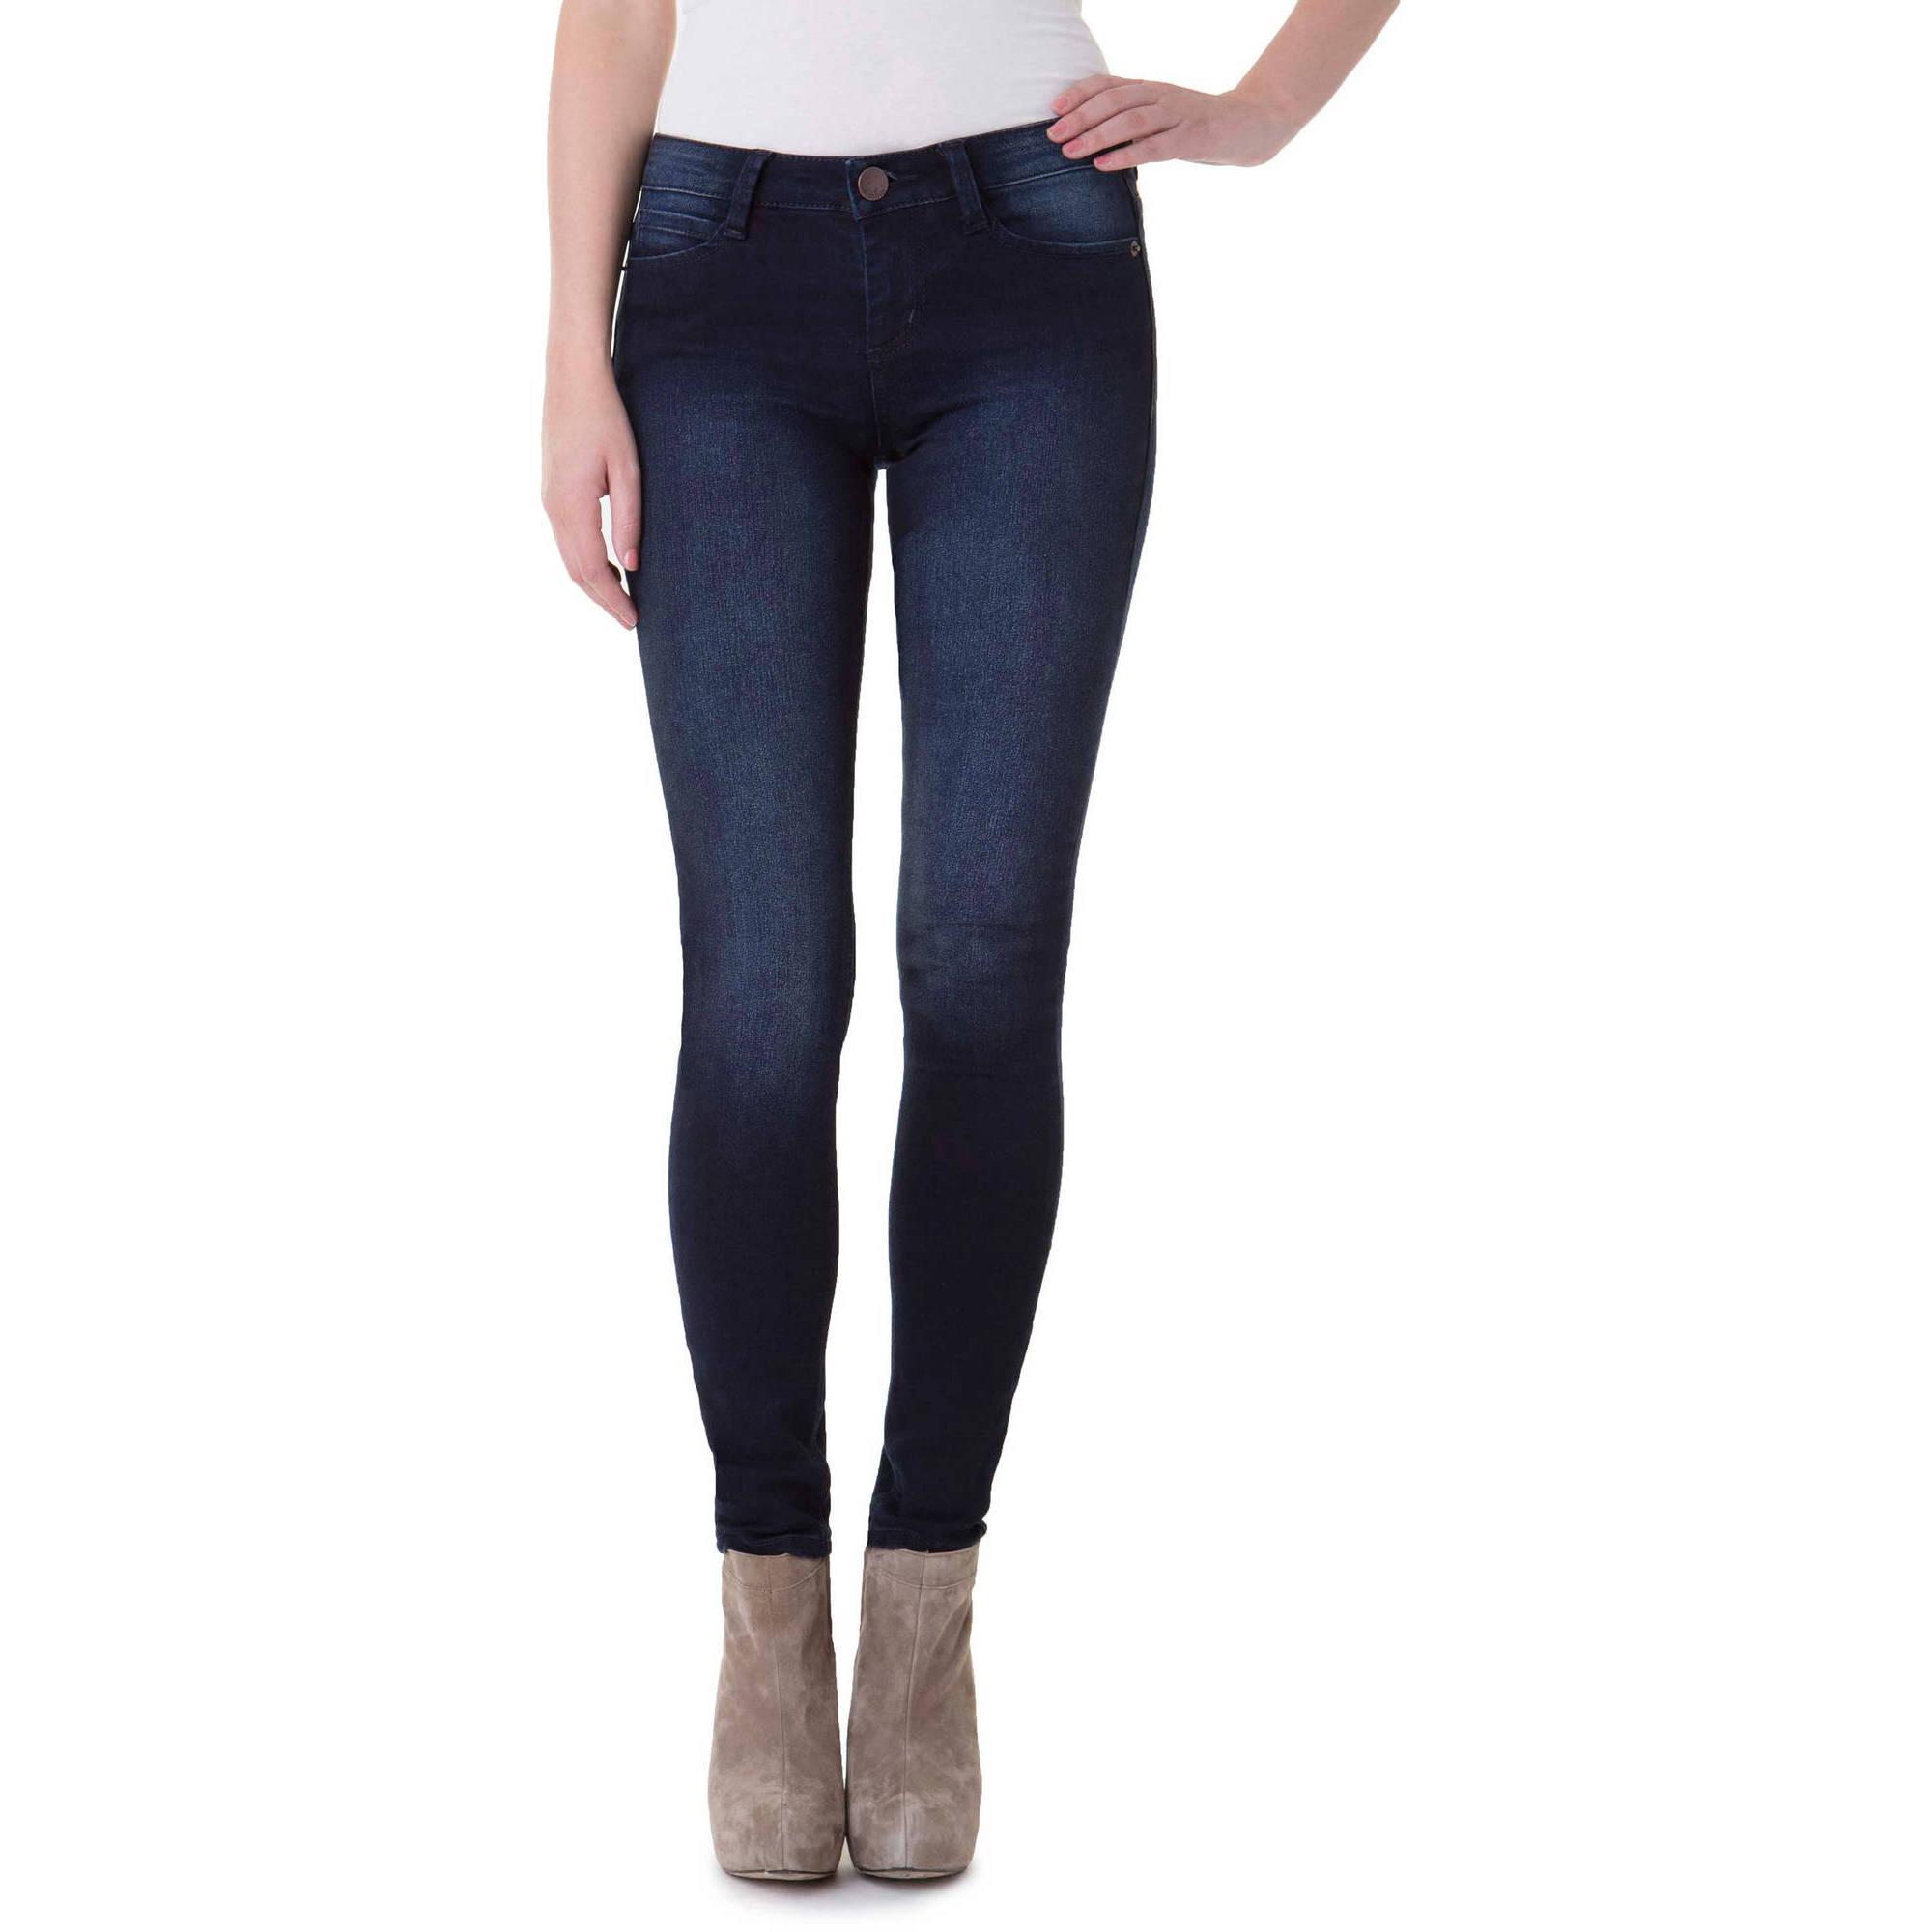 Juniors Jeans - Walmart.com